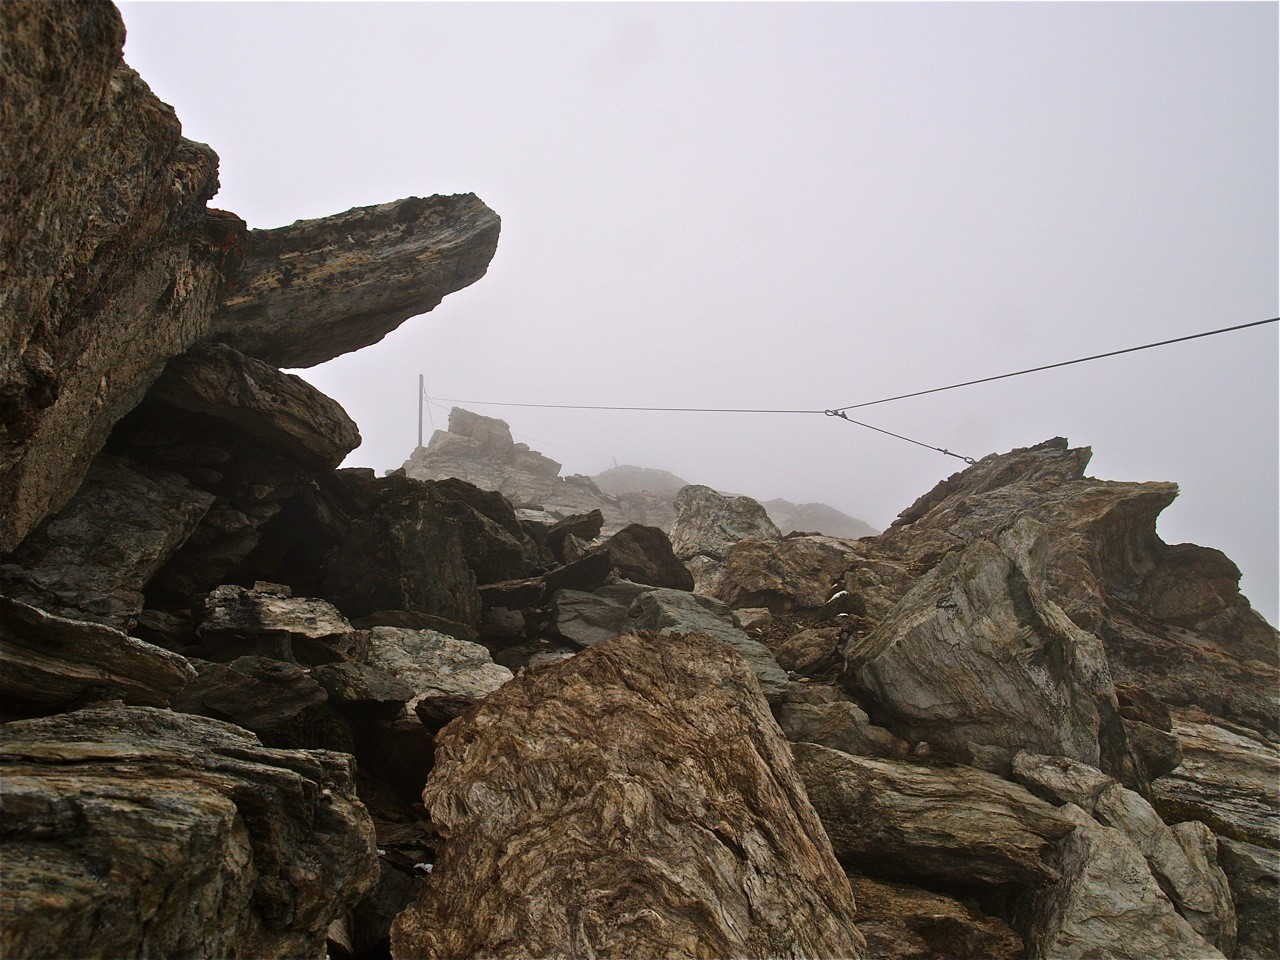 Le passage cablé, il semble un peu haut mais avec une bonne couche de neige doit être facile de l'attraper